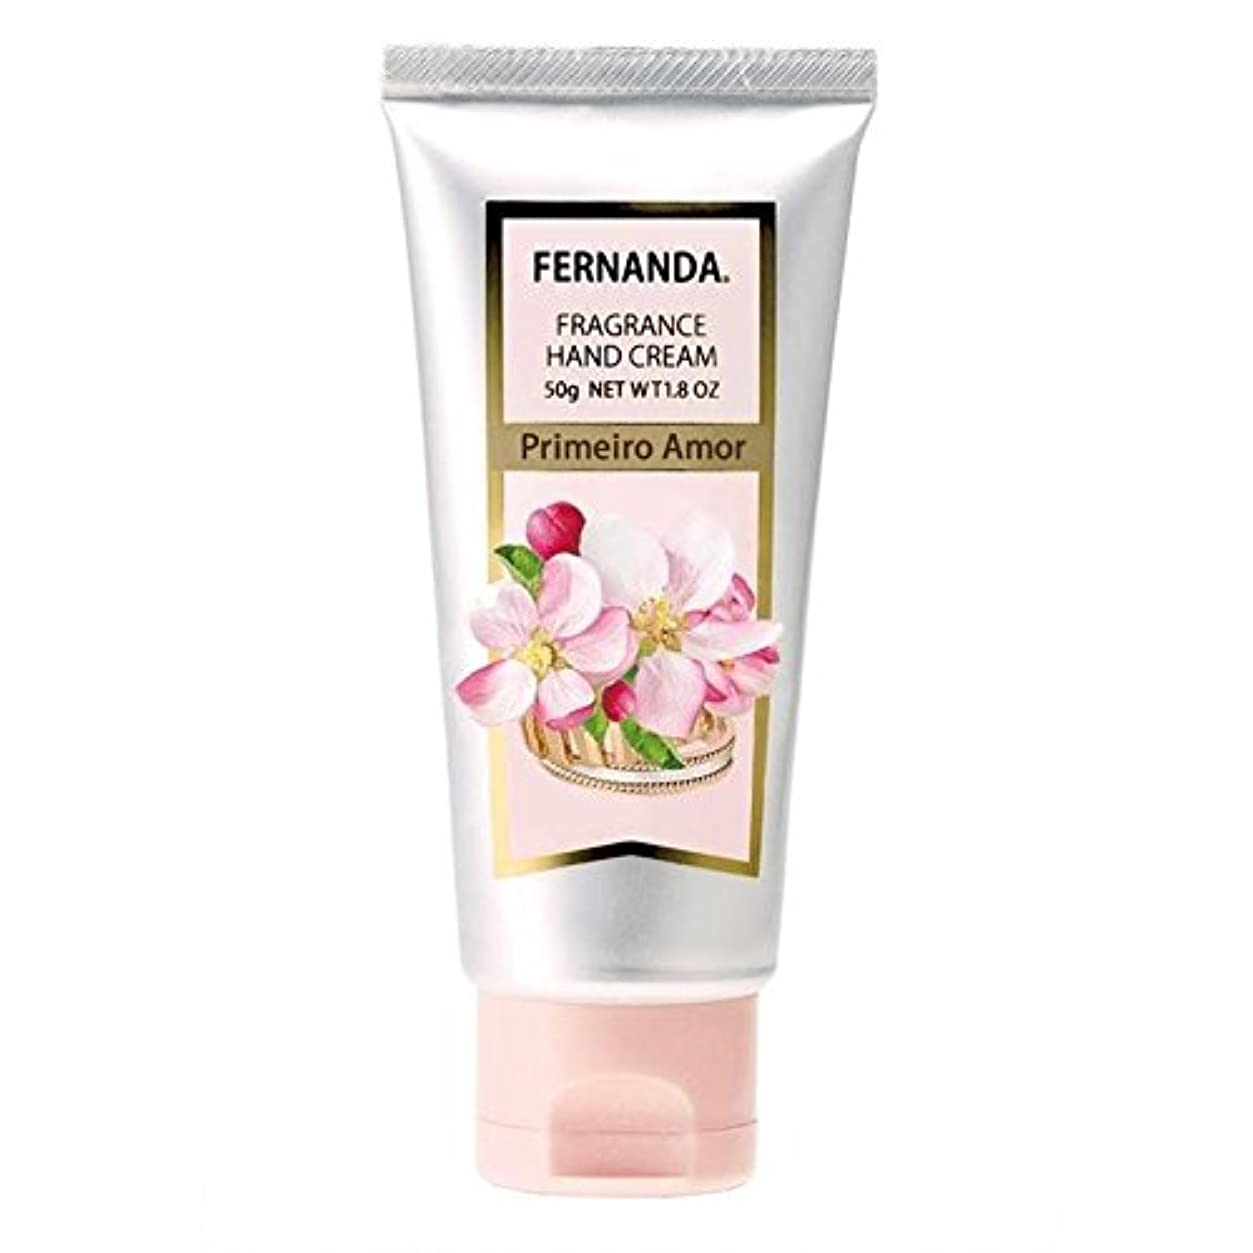 息を切らしてオピエートエステートFERNANDA(フェルナンダ) Hand Cream Primeiro Amor(ハンドクリーム プリメイロアモール)